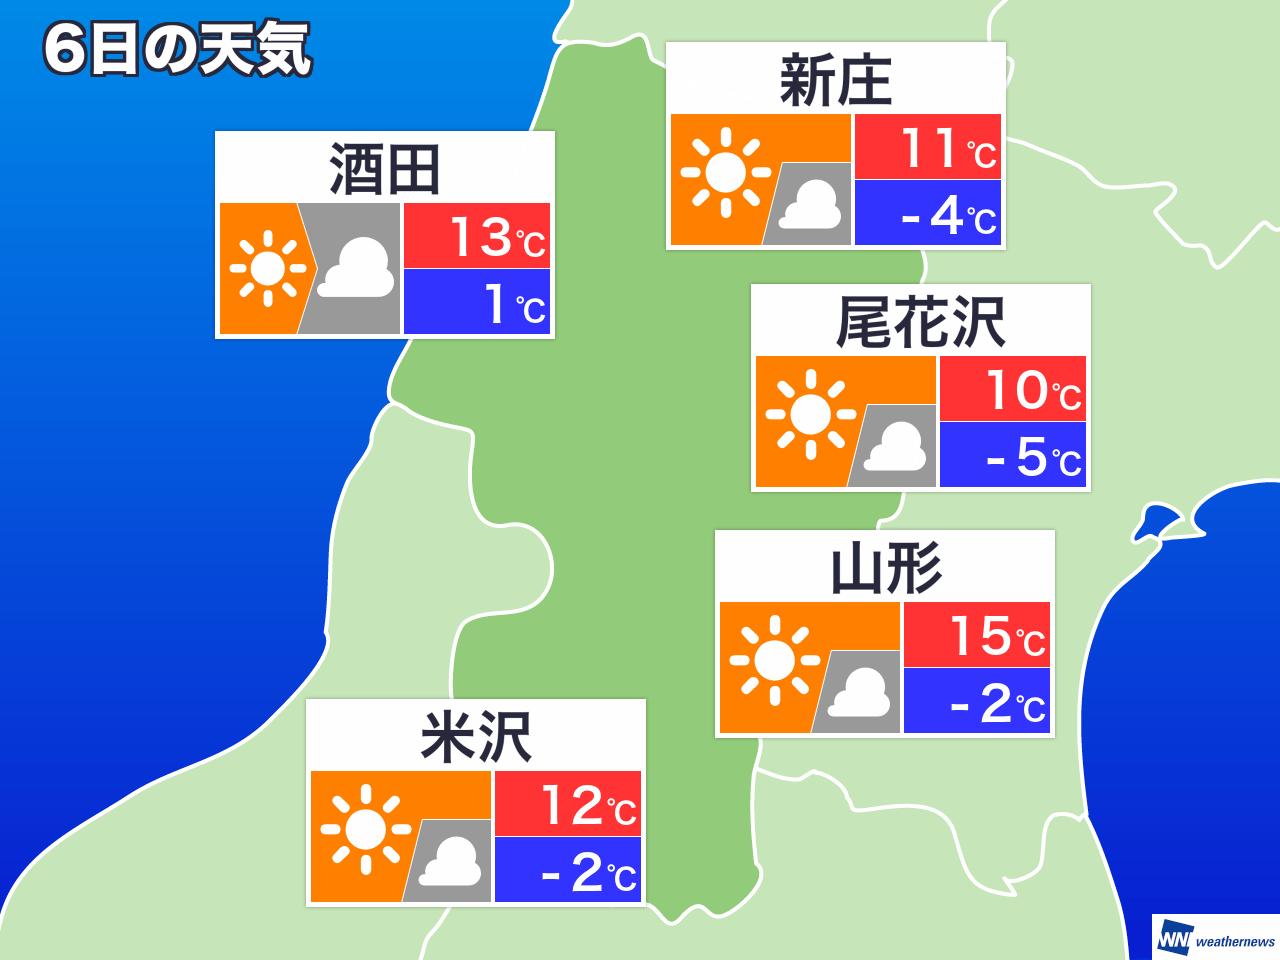 6 日 天気 3 月